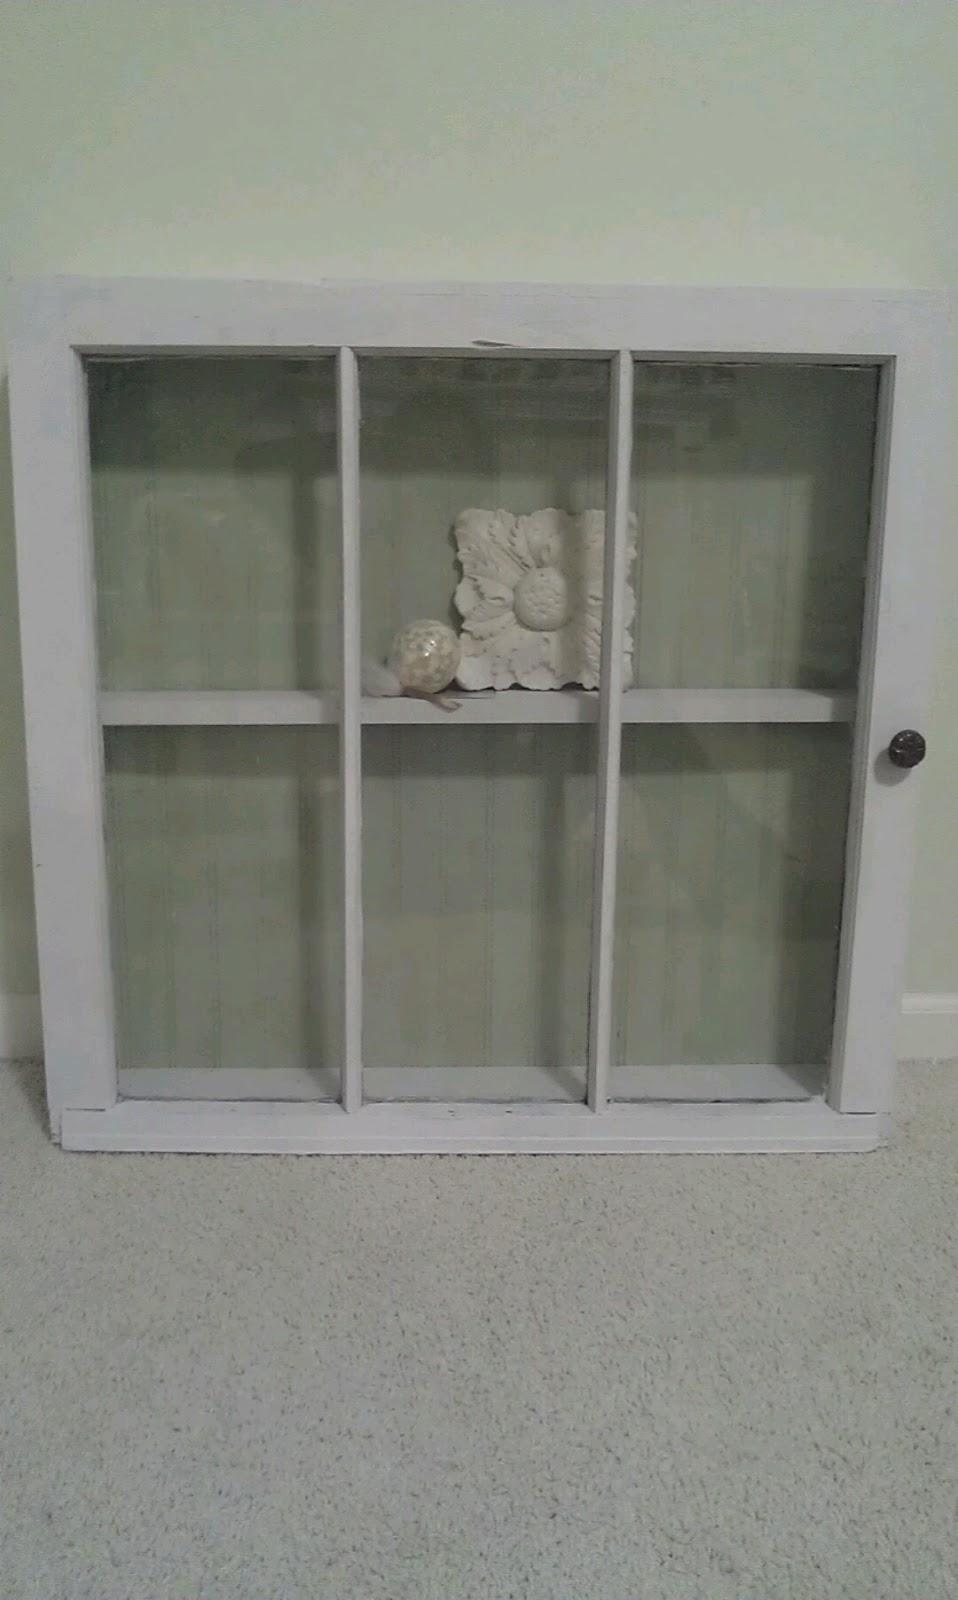 Thrifty Treasures Window Shadow Box